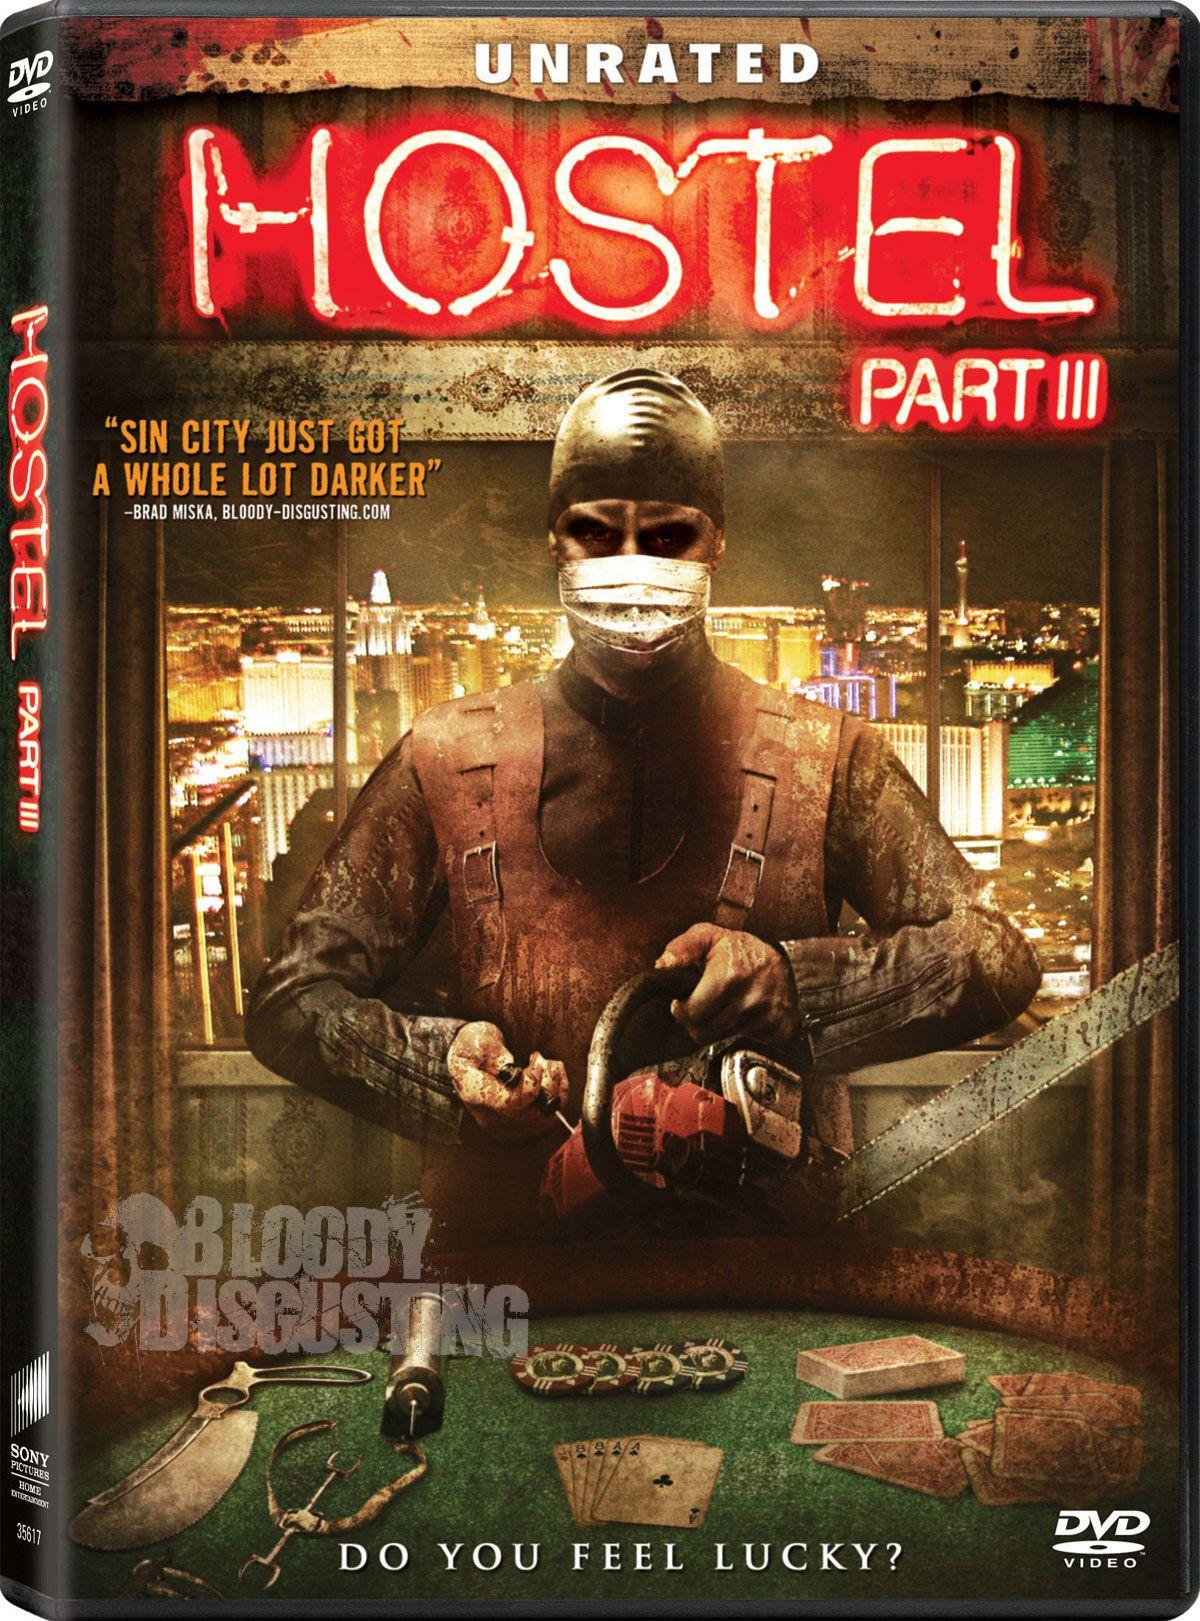 плакат фильма DVD Хостел, часть III*